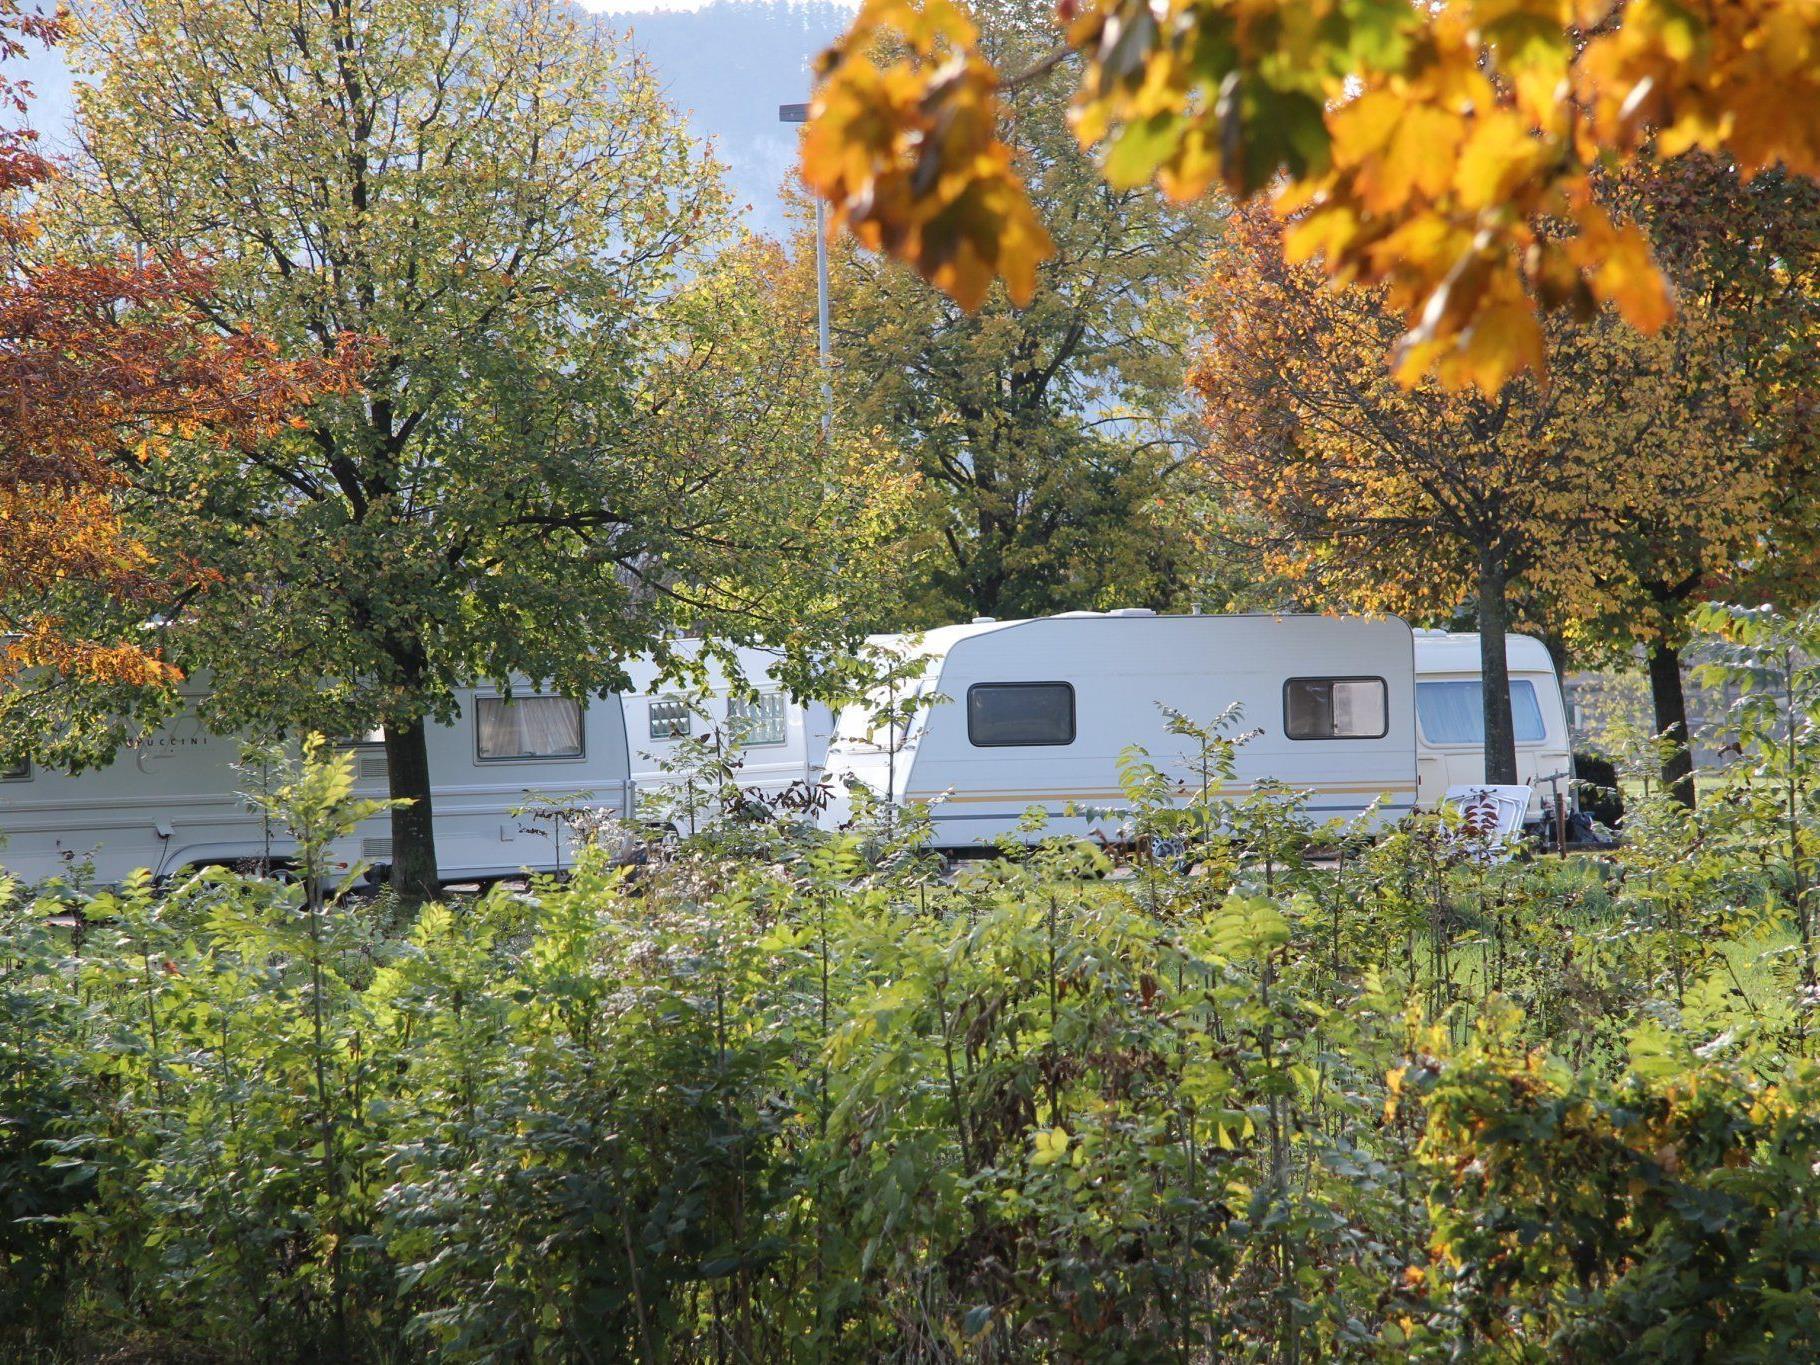 Die 50-köpfige Gruppe hat mit ihren 20 Wohnwagen derzeit ihr Lager in Götzis aufgeschlagen.